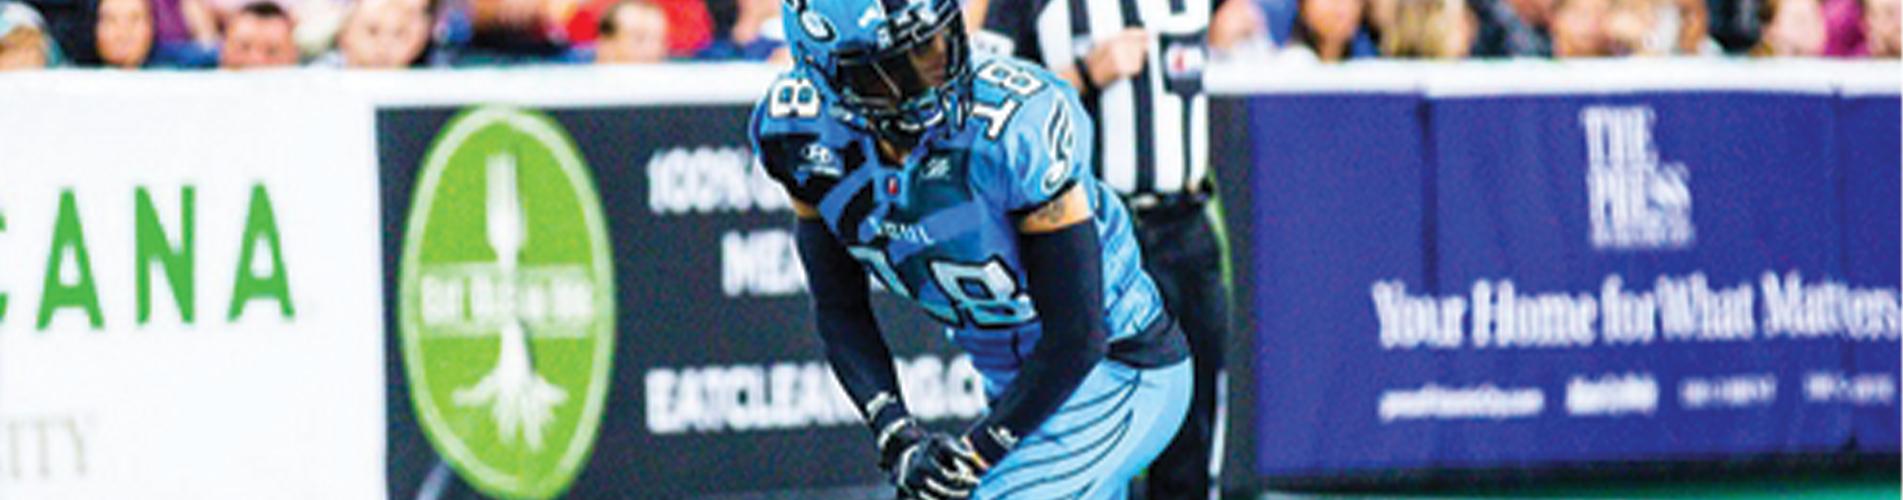 AFL Receiver / Returner Jordan Williams Signs With Sharks